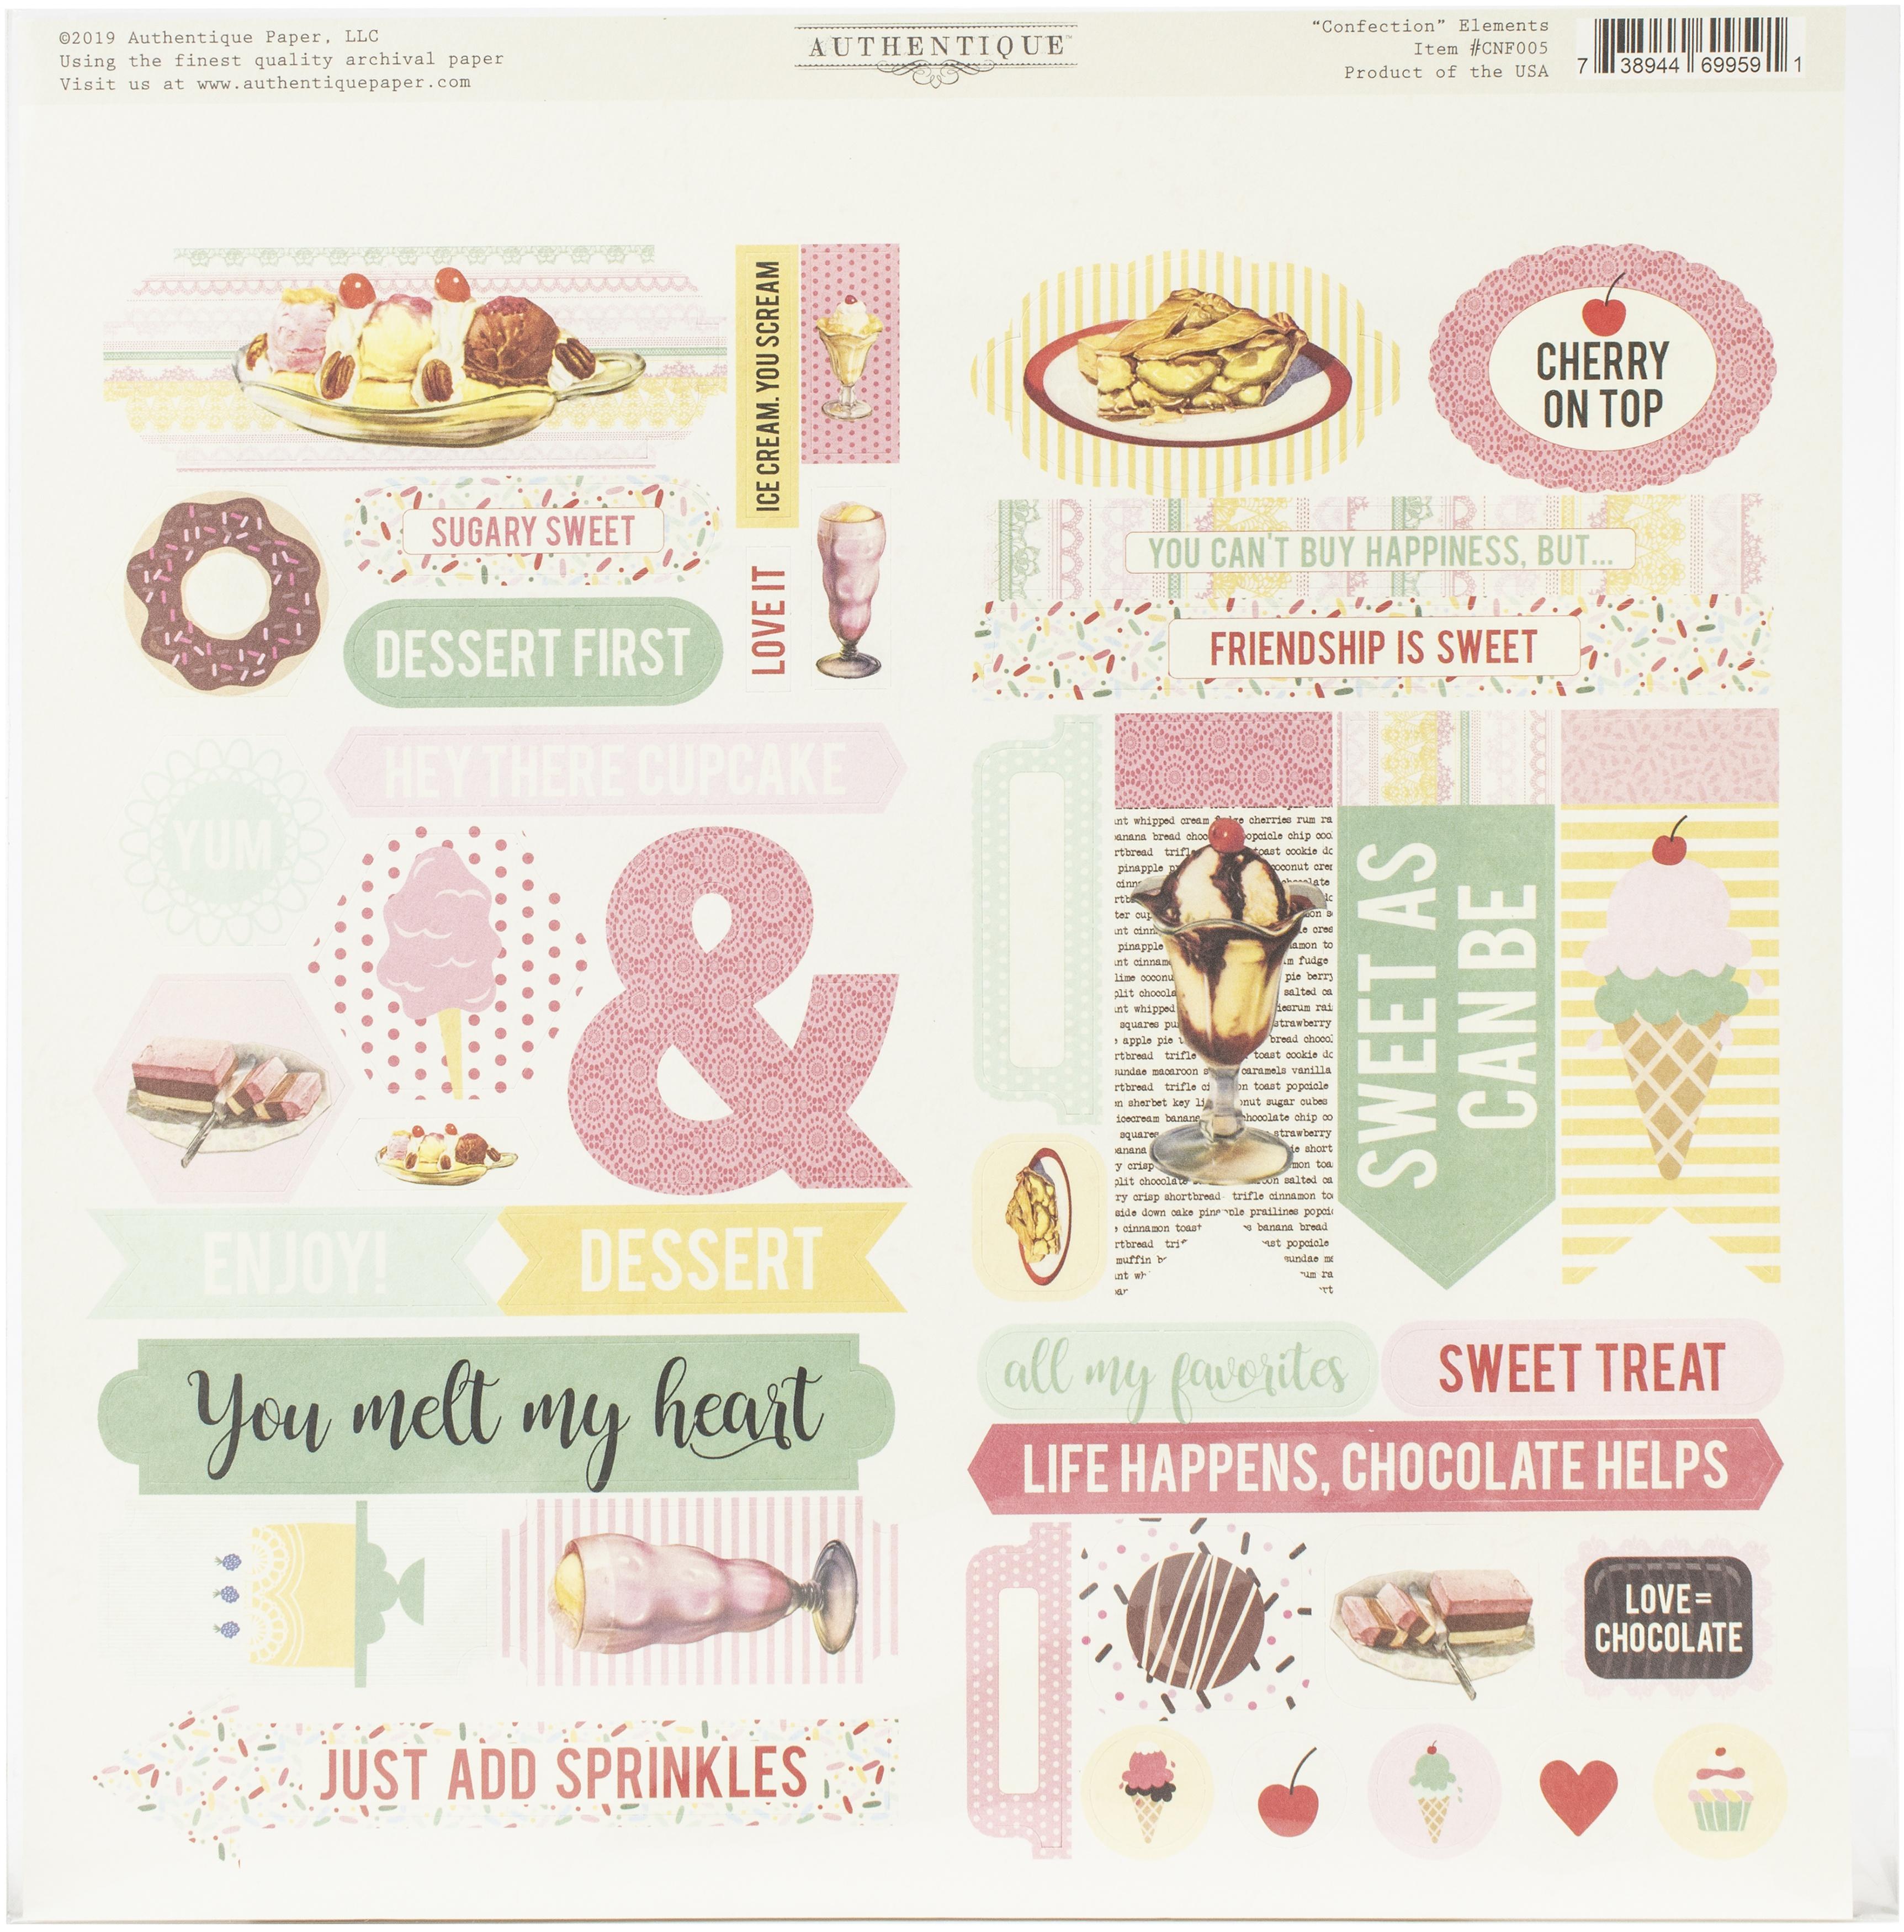 Confection Elements